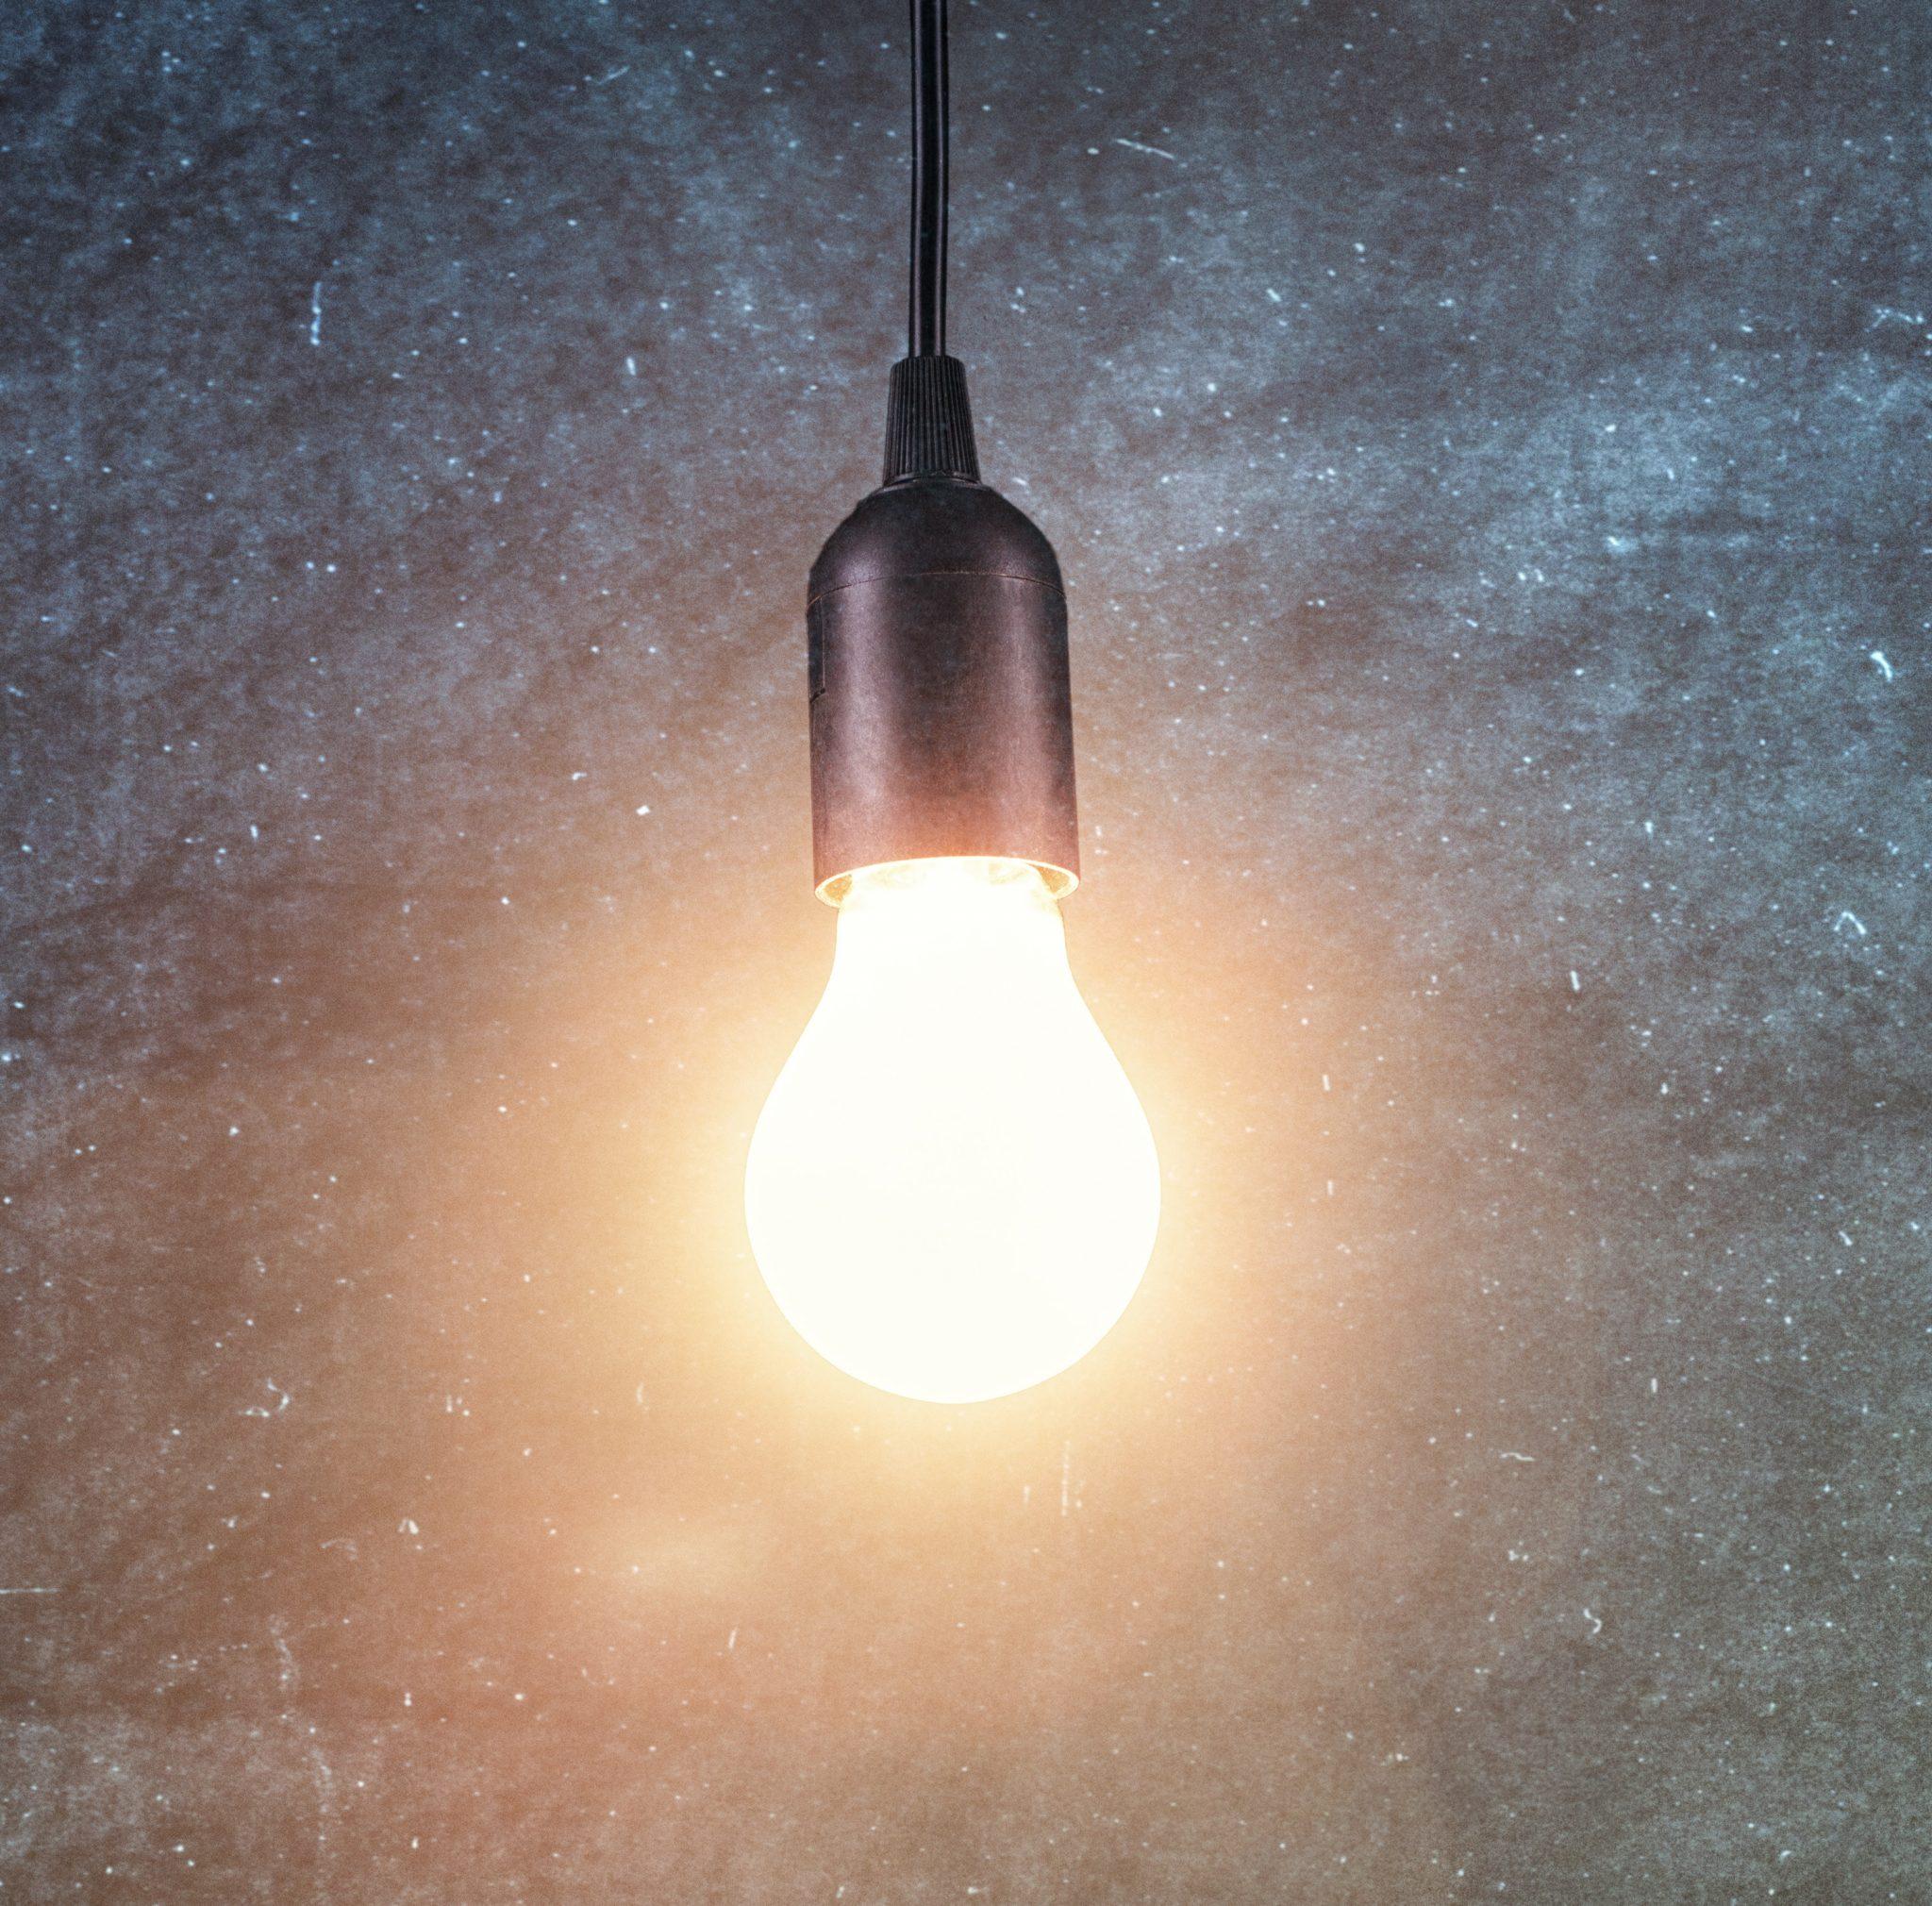 Impuls Glühbirne Symbolbild